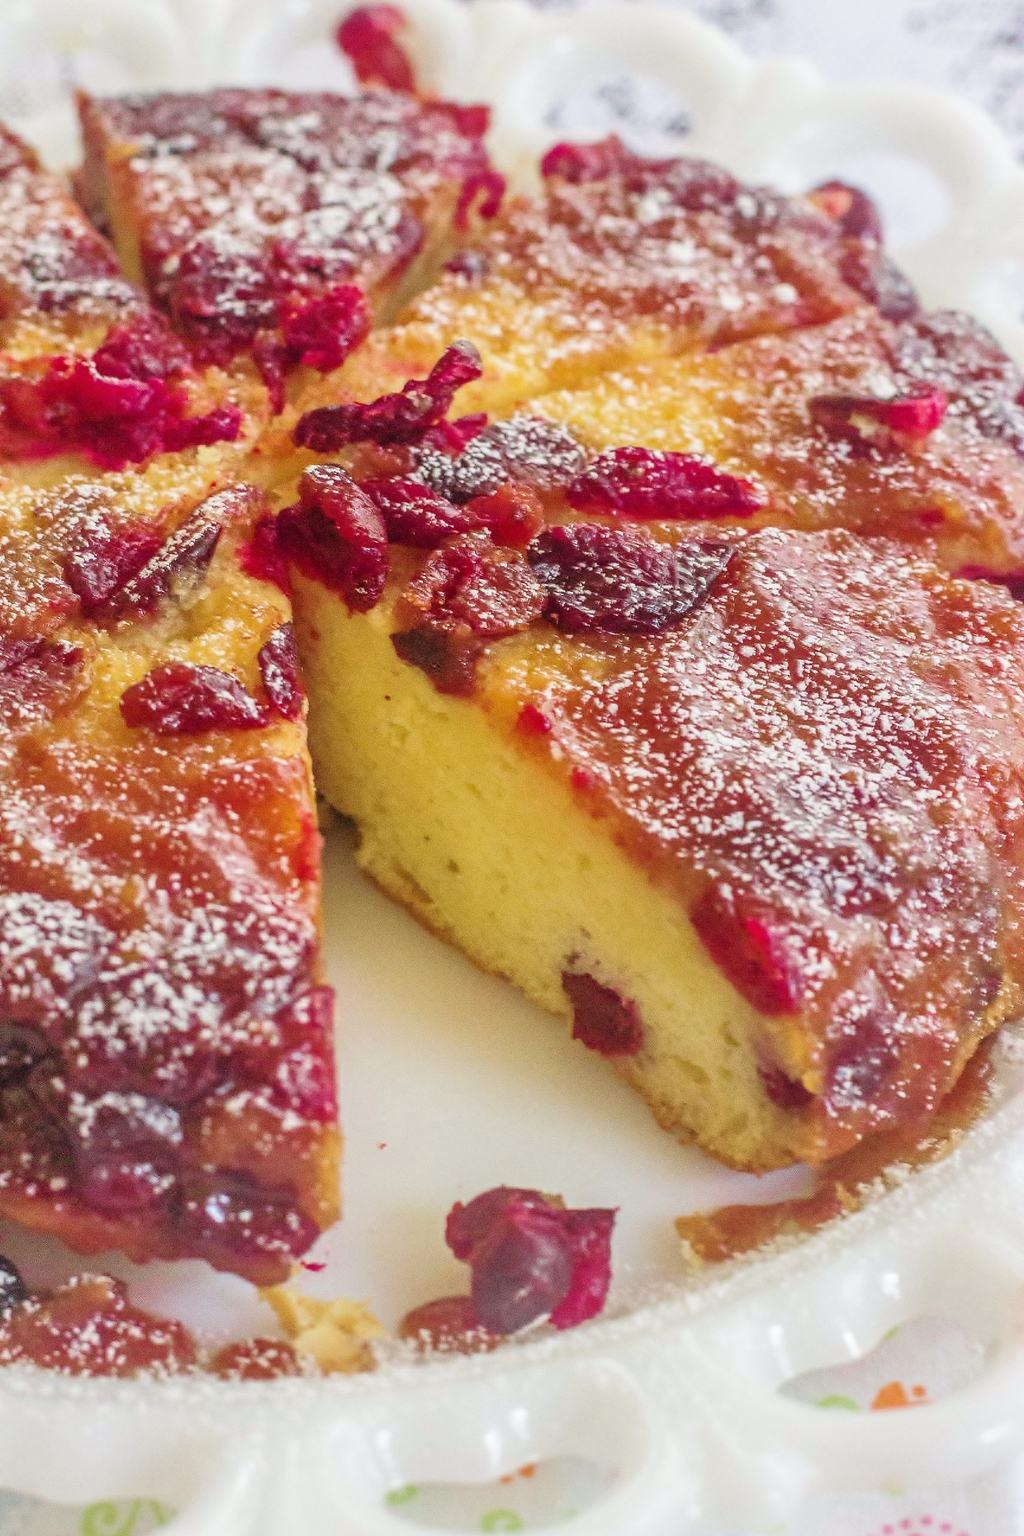 Cranberry Upside-Down Skillet Cake